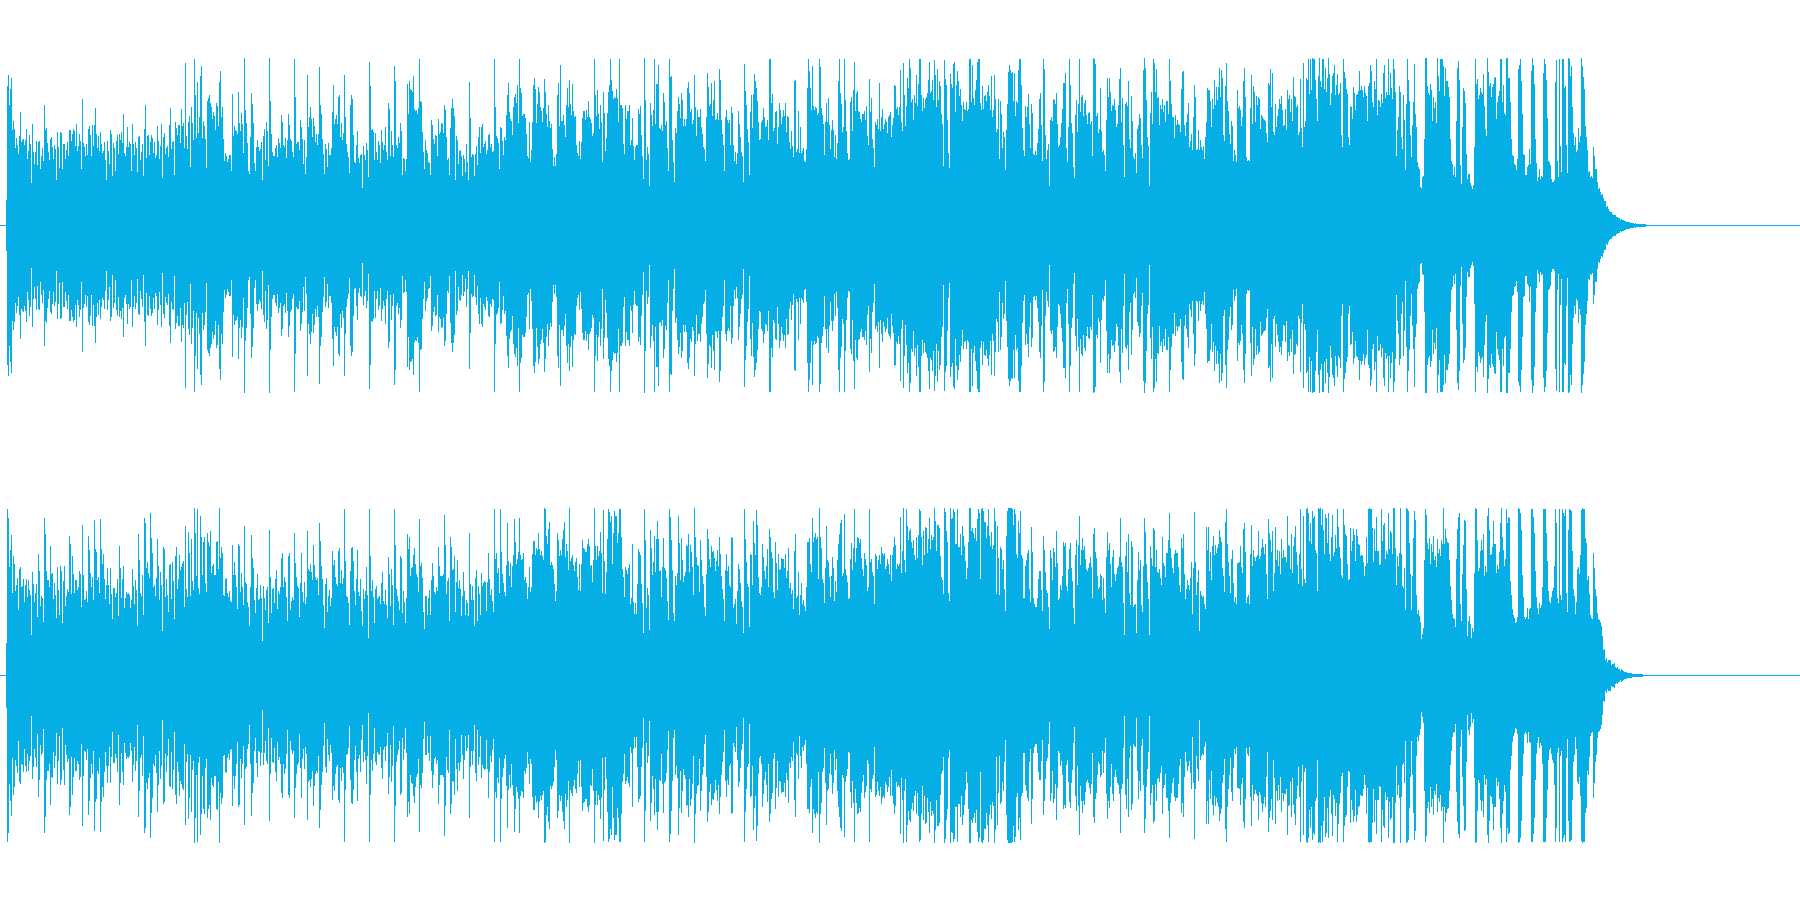 賑やかで楽しい近未来テクノポップの再生済みの波形